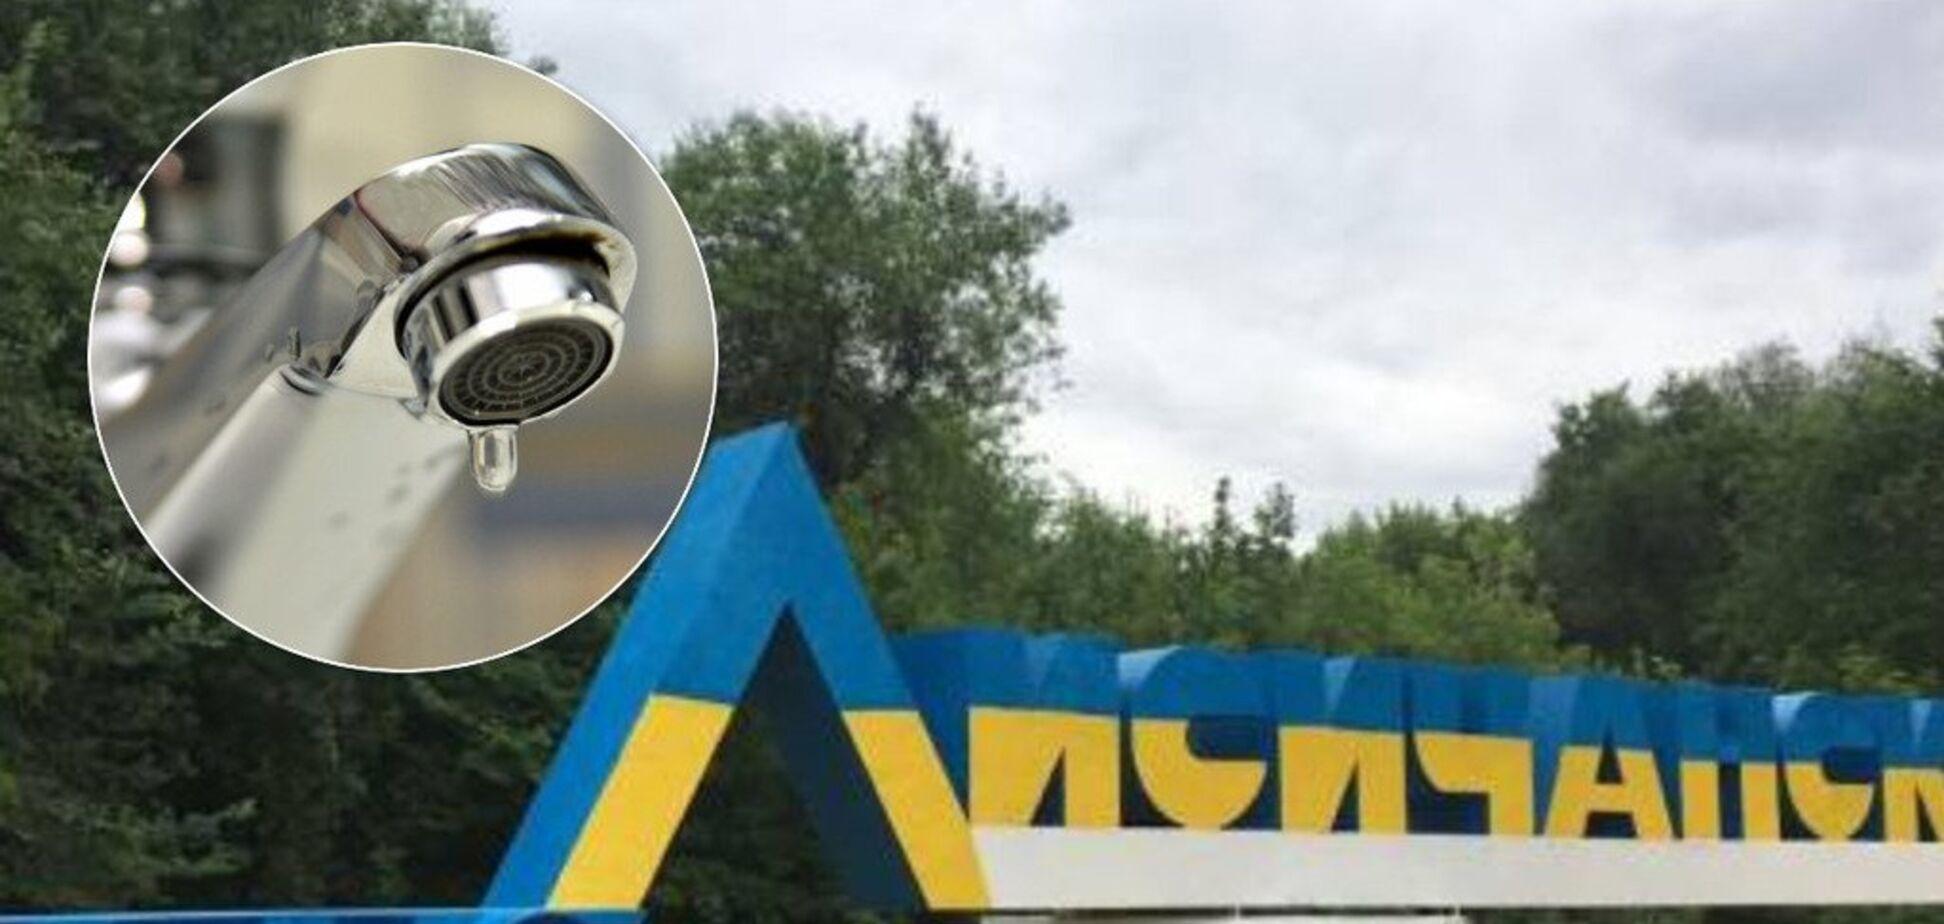 Закрыты роддомы и больницы: в Лисичанске объявили чрезвычайное положение